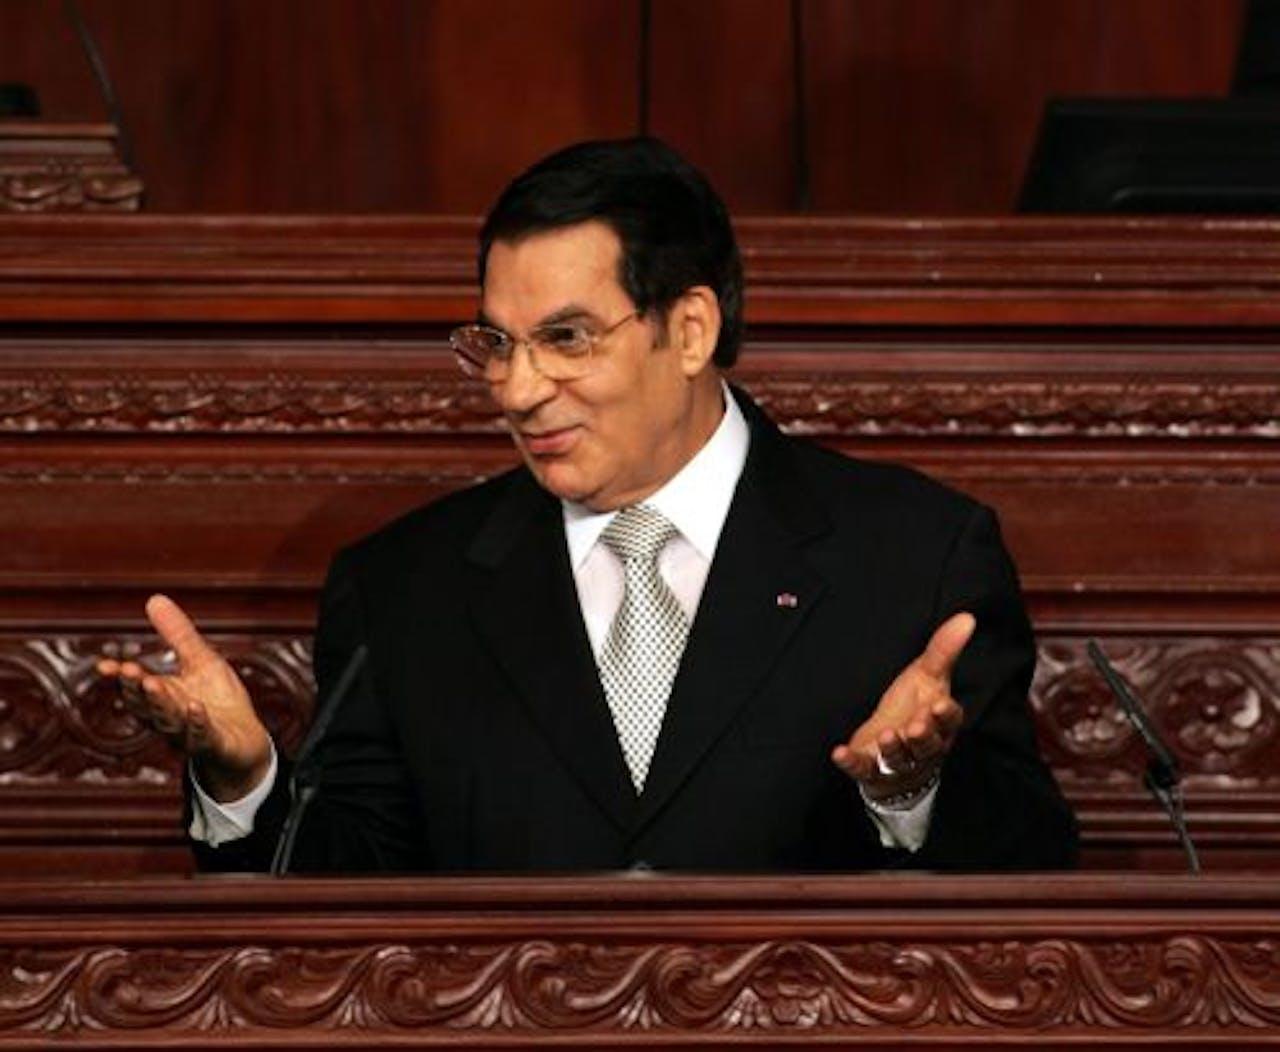 De voormalige Tunesische president Zine al-Abidine Ben Ali. EPA